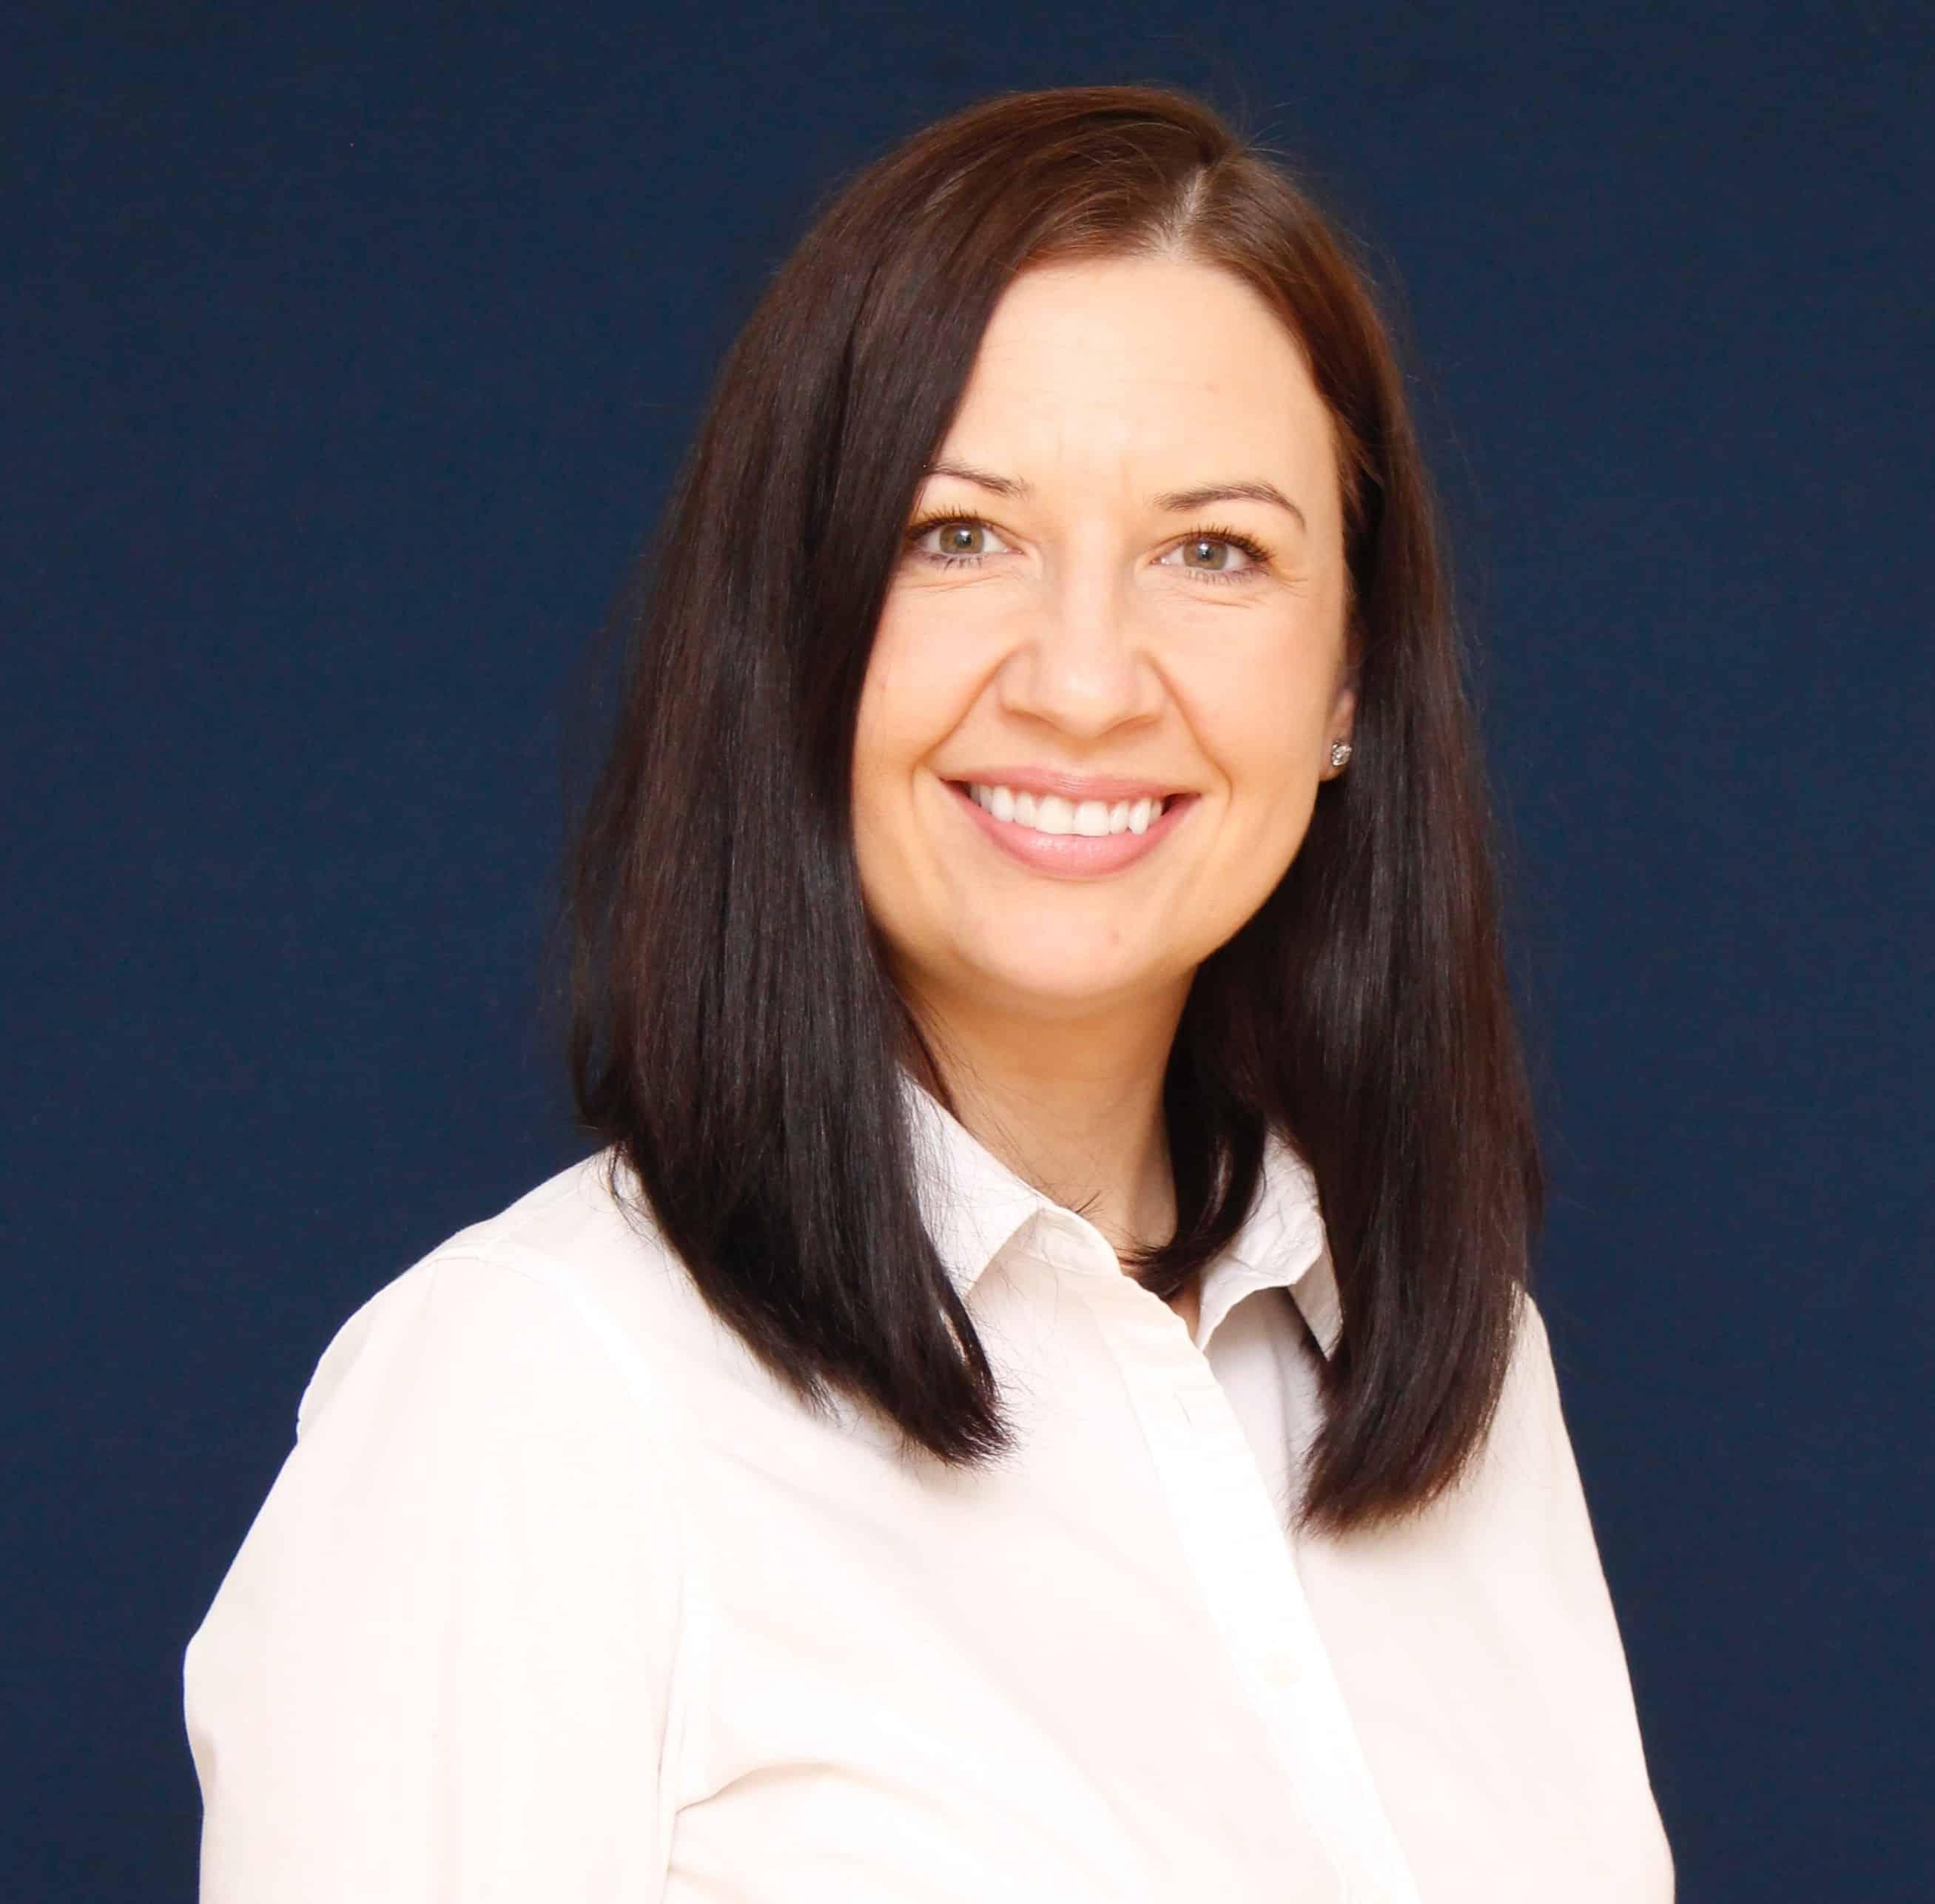 Izabela Uznanska